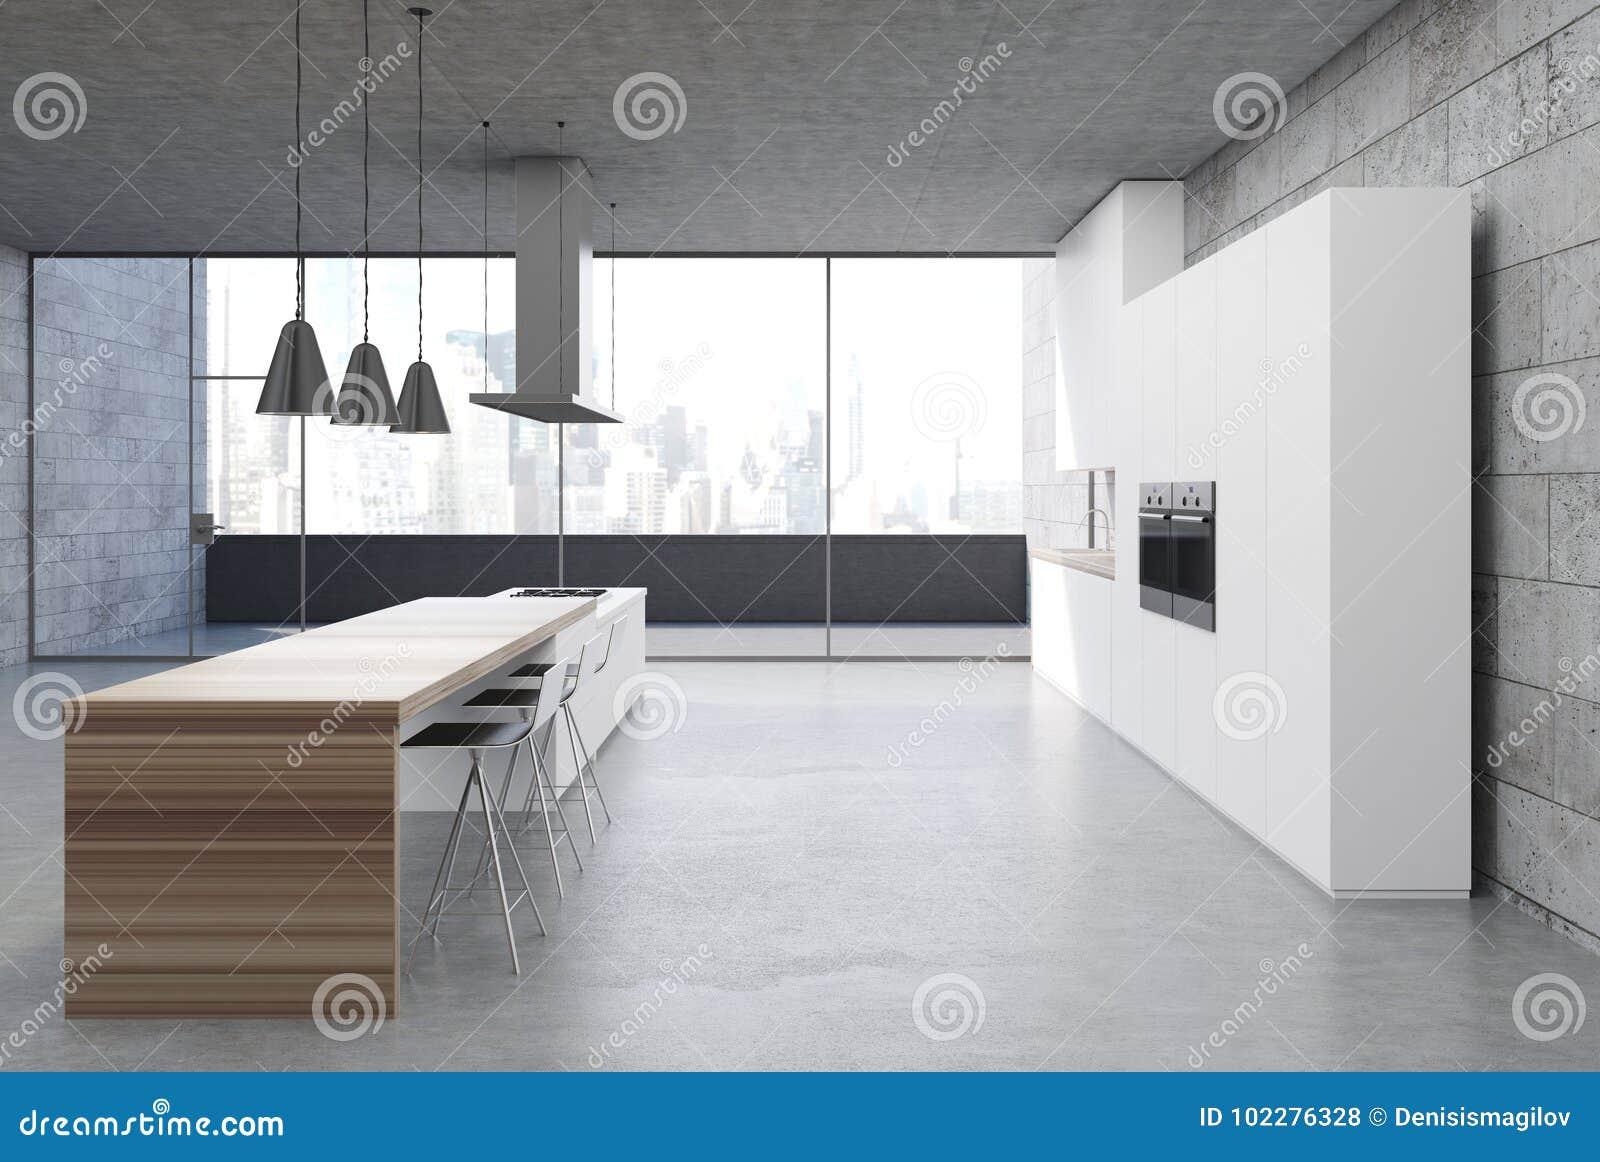 Concrete Kitchen Interior White Cabinets Side Stock